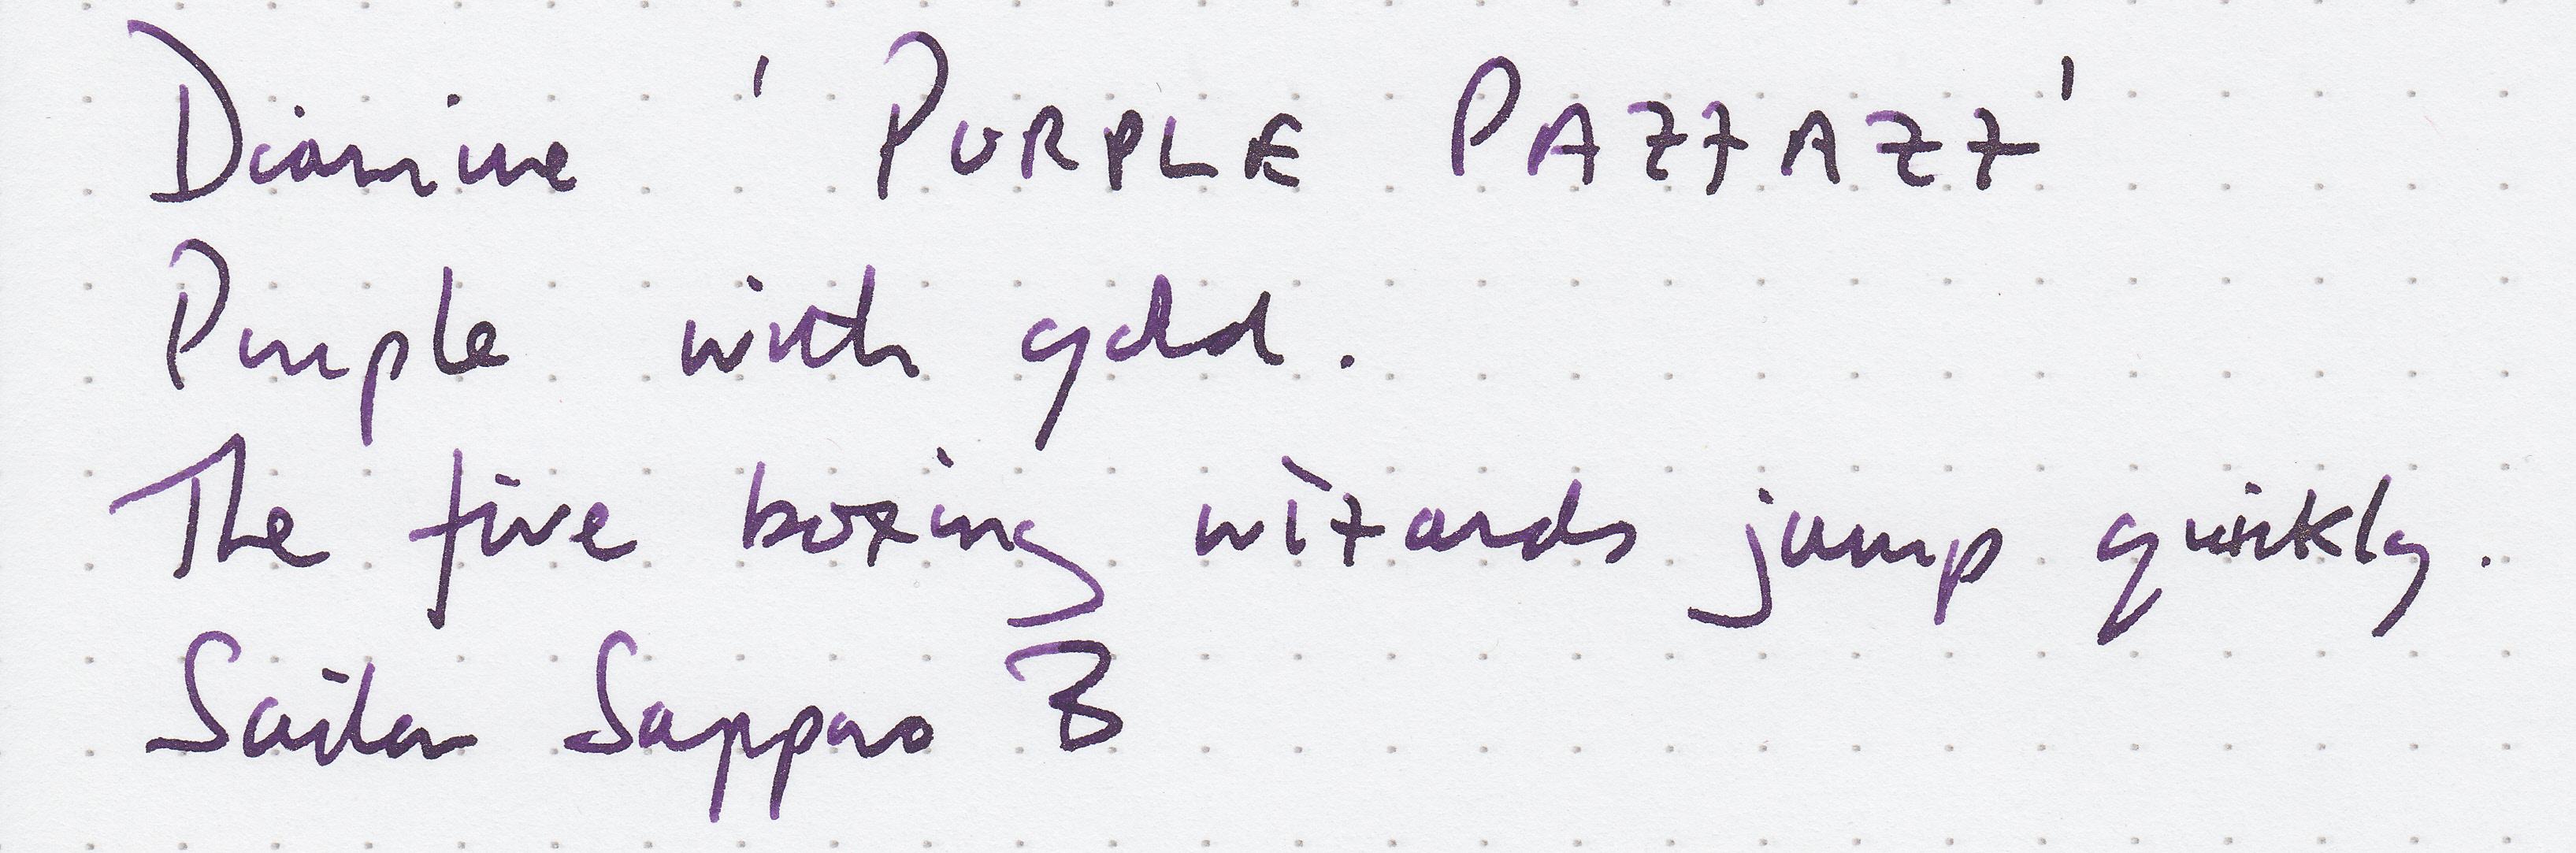 fpn_1440692418__diamine_purple_pazzazz.j